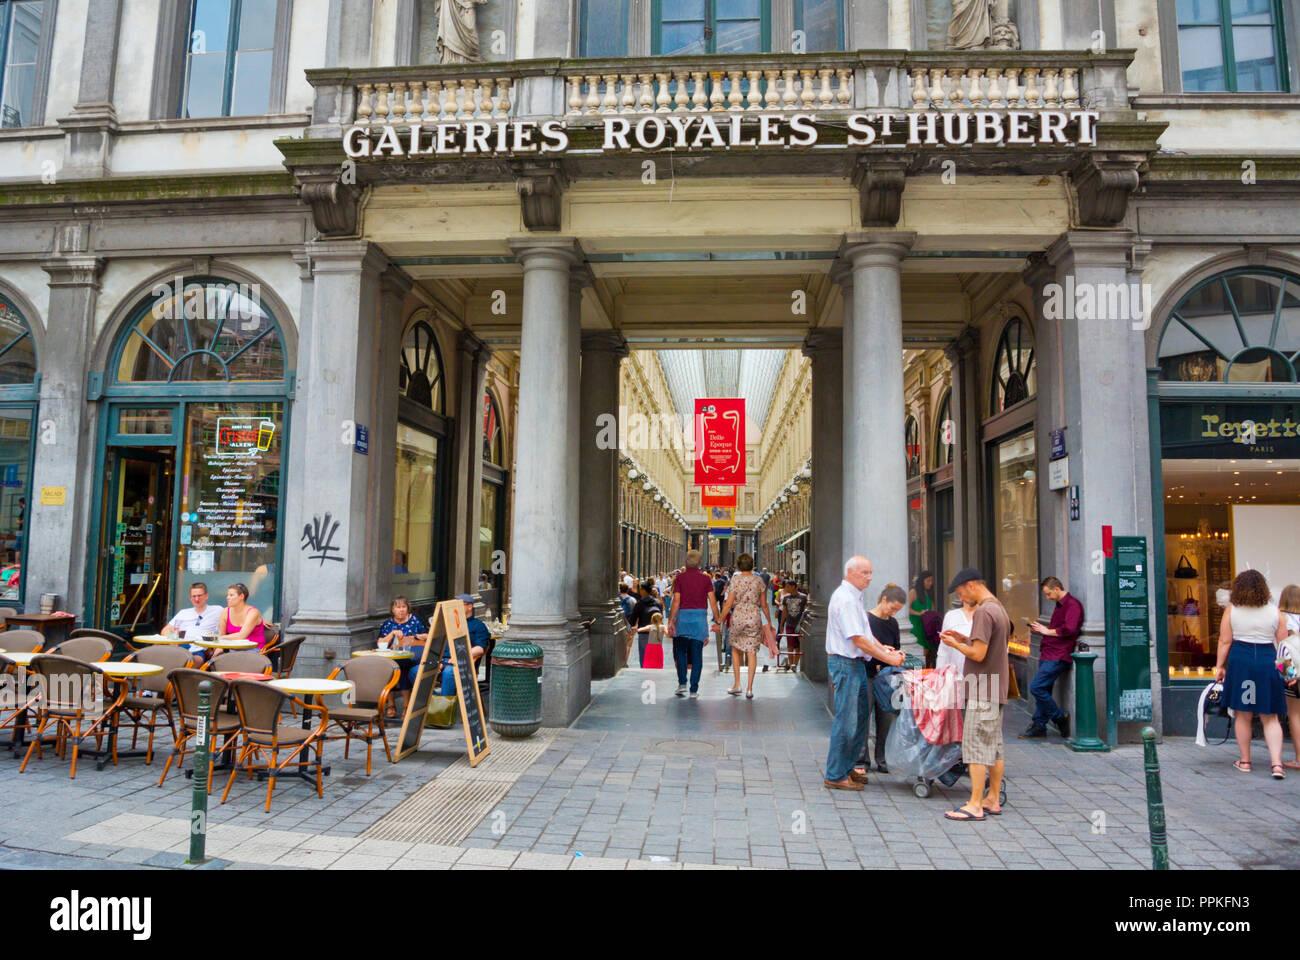 Galeries Royales Saint Hubert, Koningsgalerij, Brussels, Belgium - Stock Image